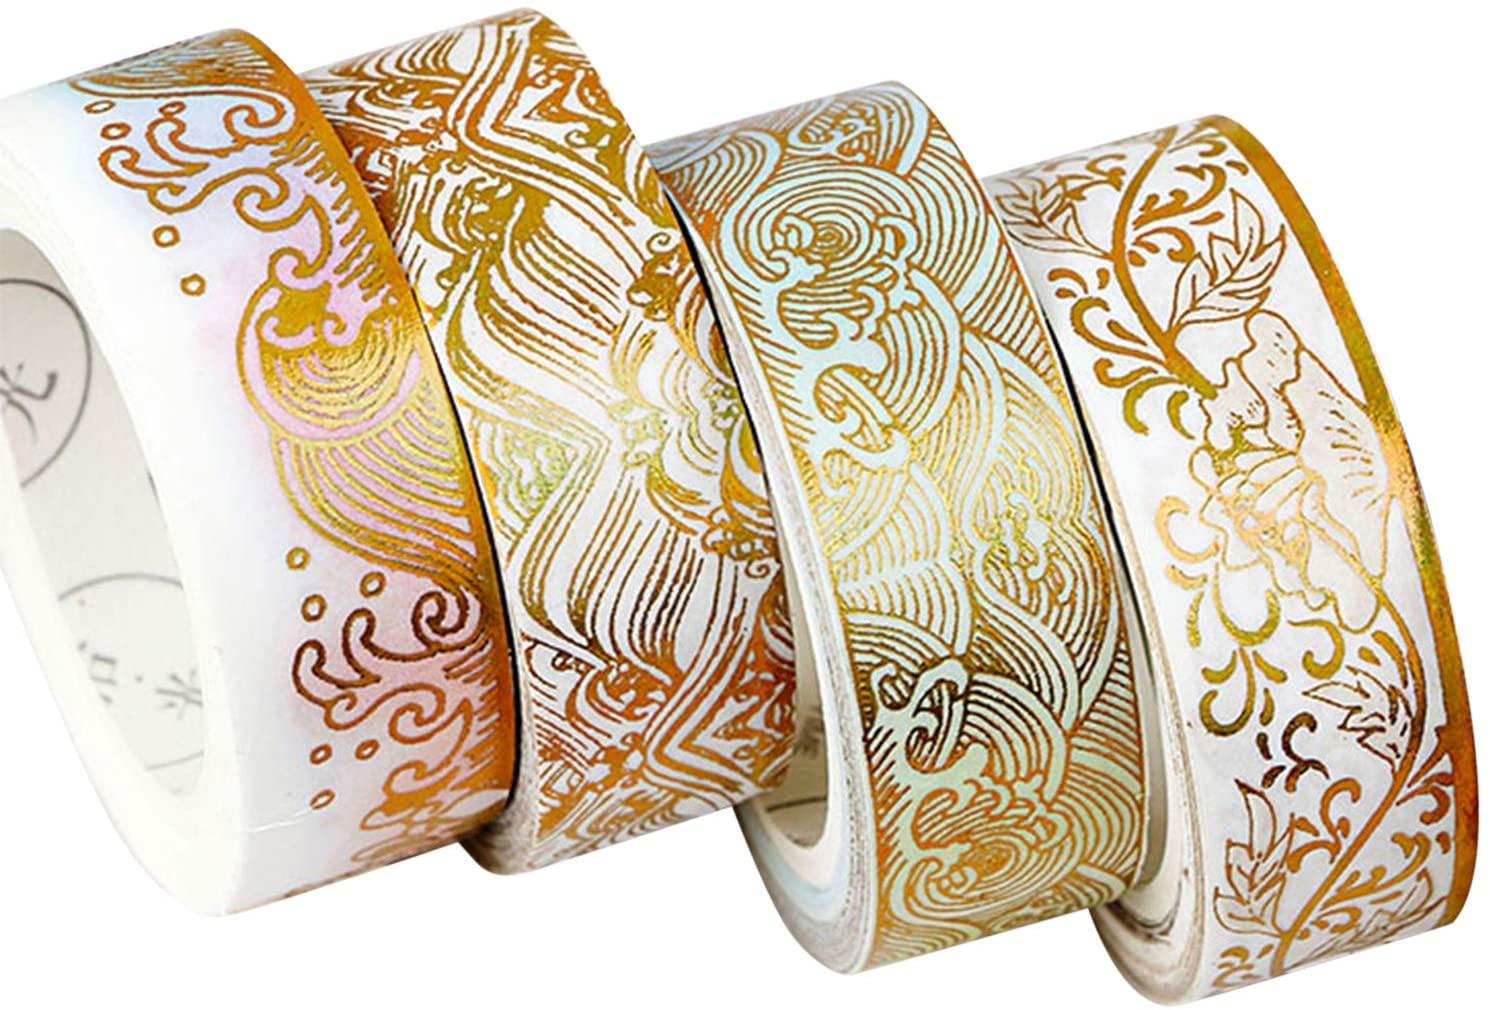 Ying Washi Tapes Set Scrapbooks Bricolage Arts DIY Masking Tape Gift Decor Multi One Size